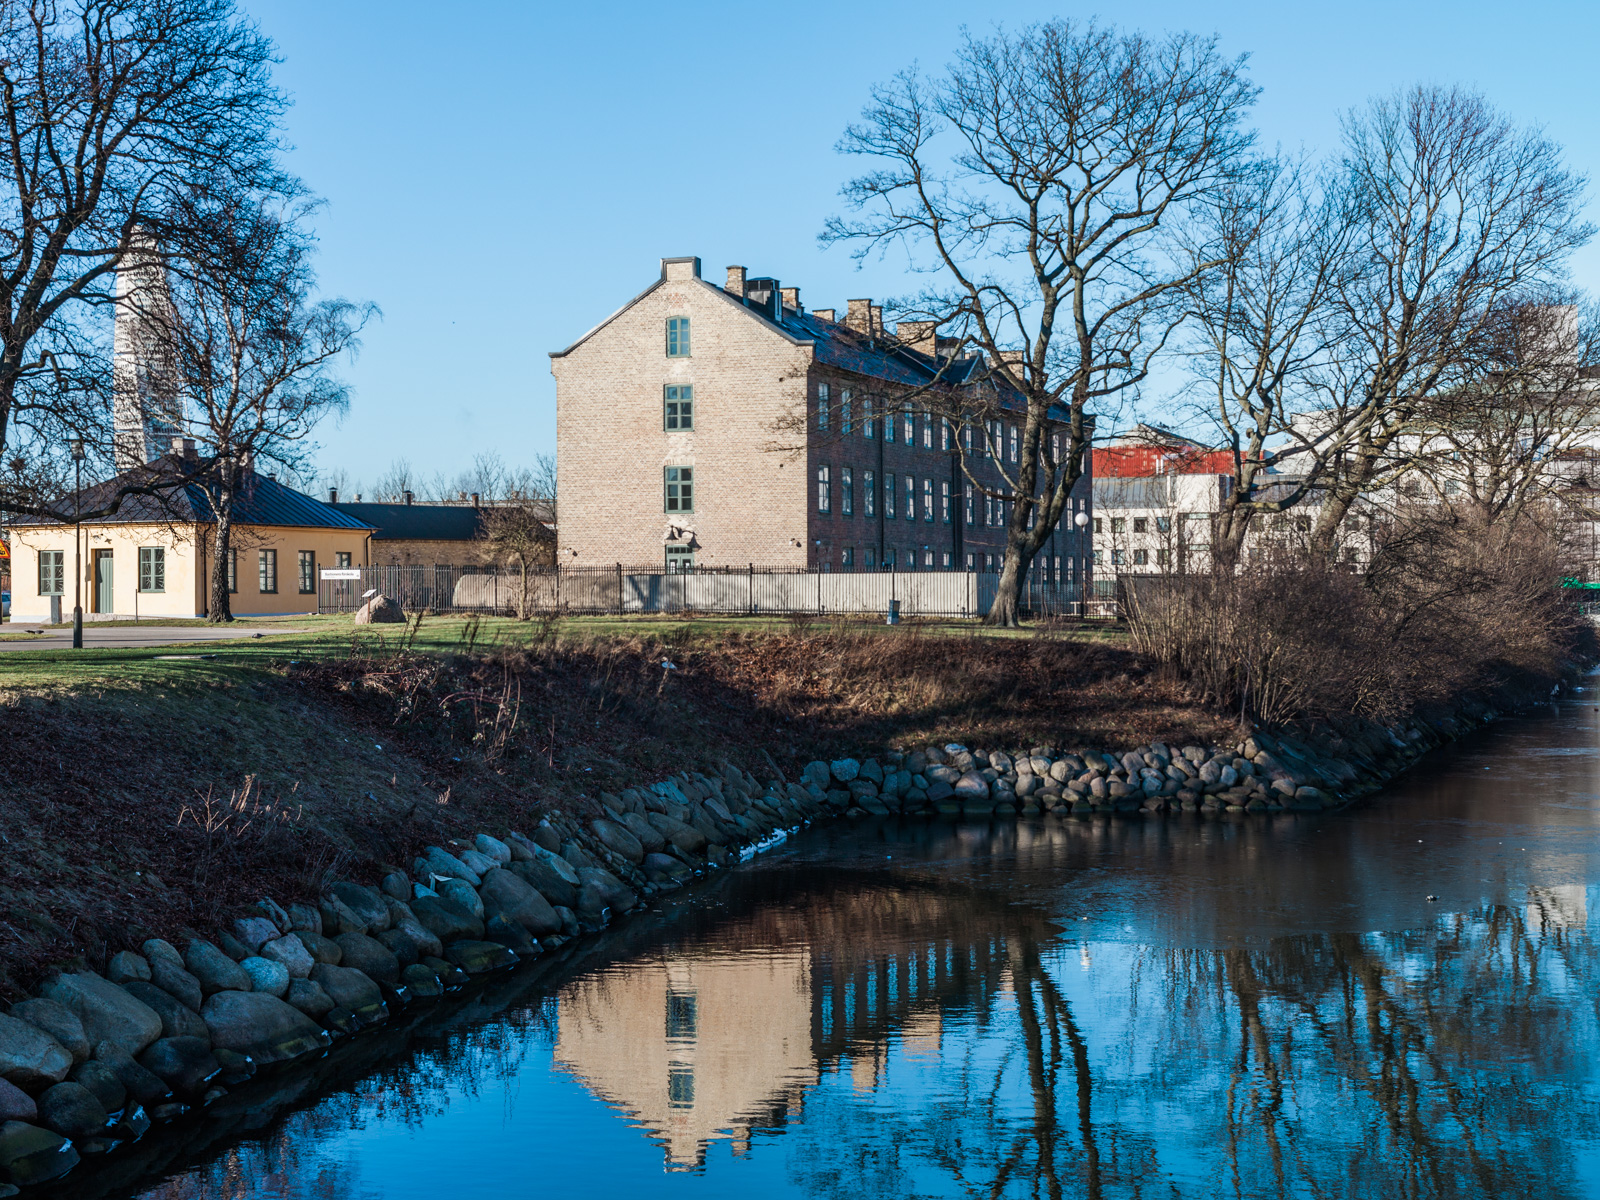 Björkhagenförskola, Malmö